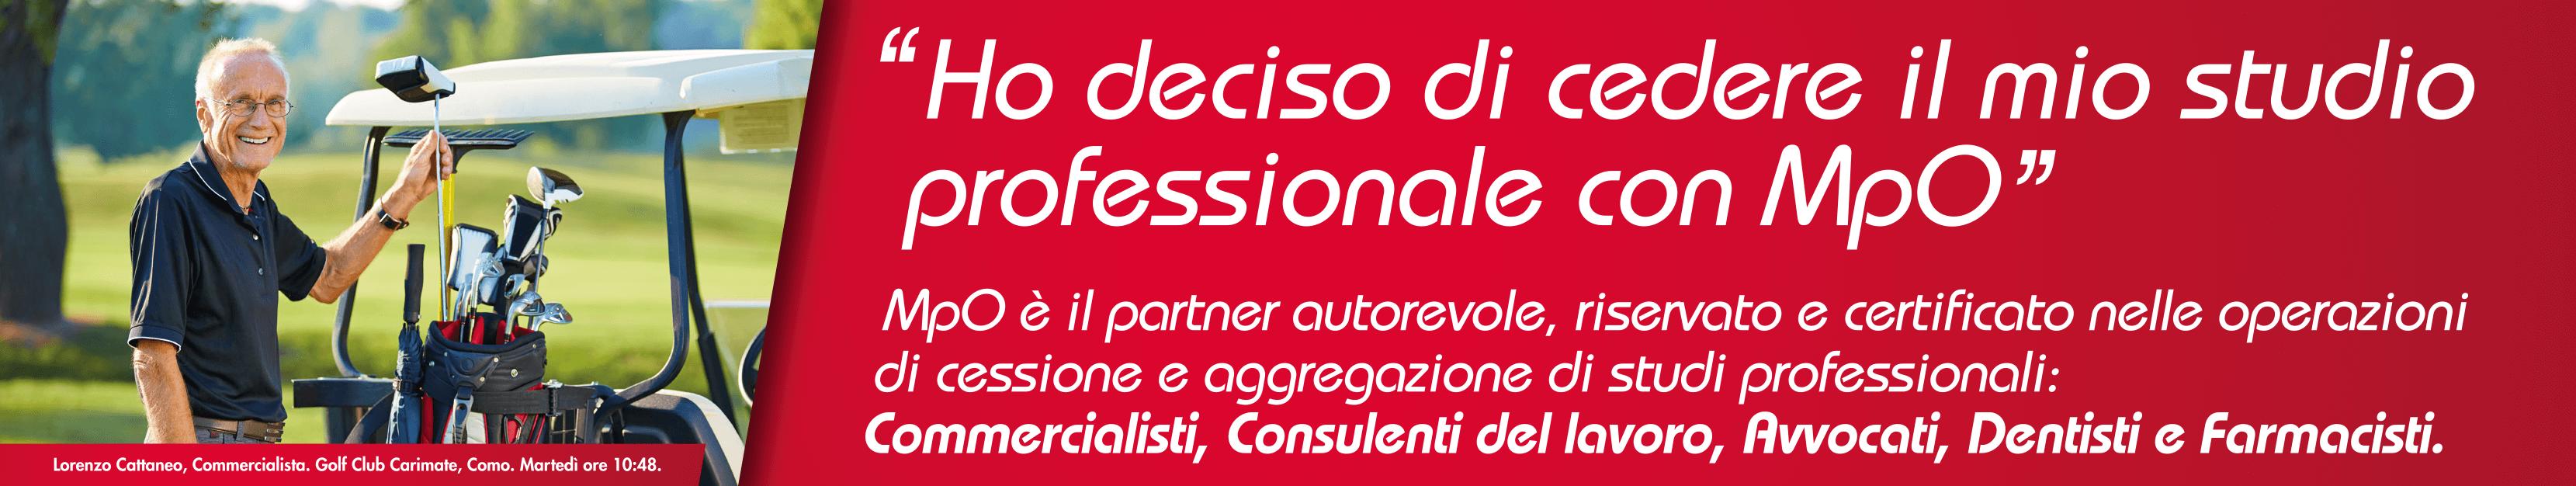 MPO banner 2